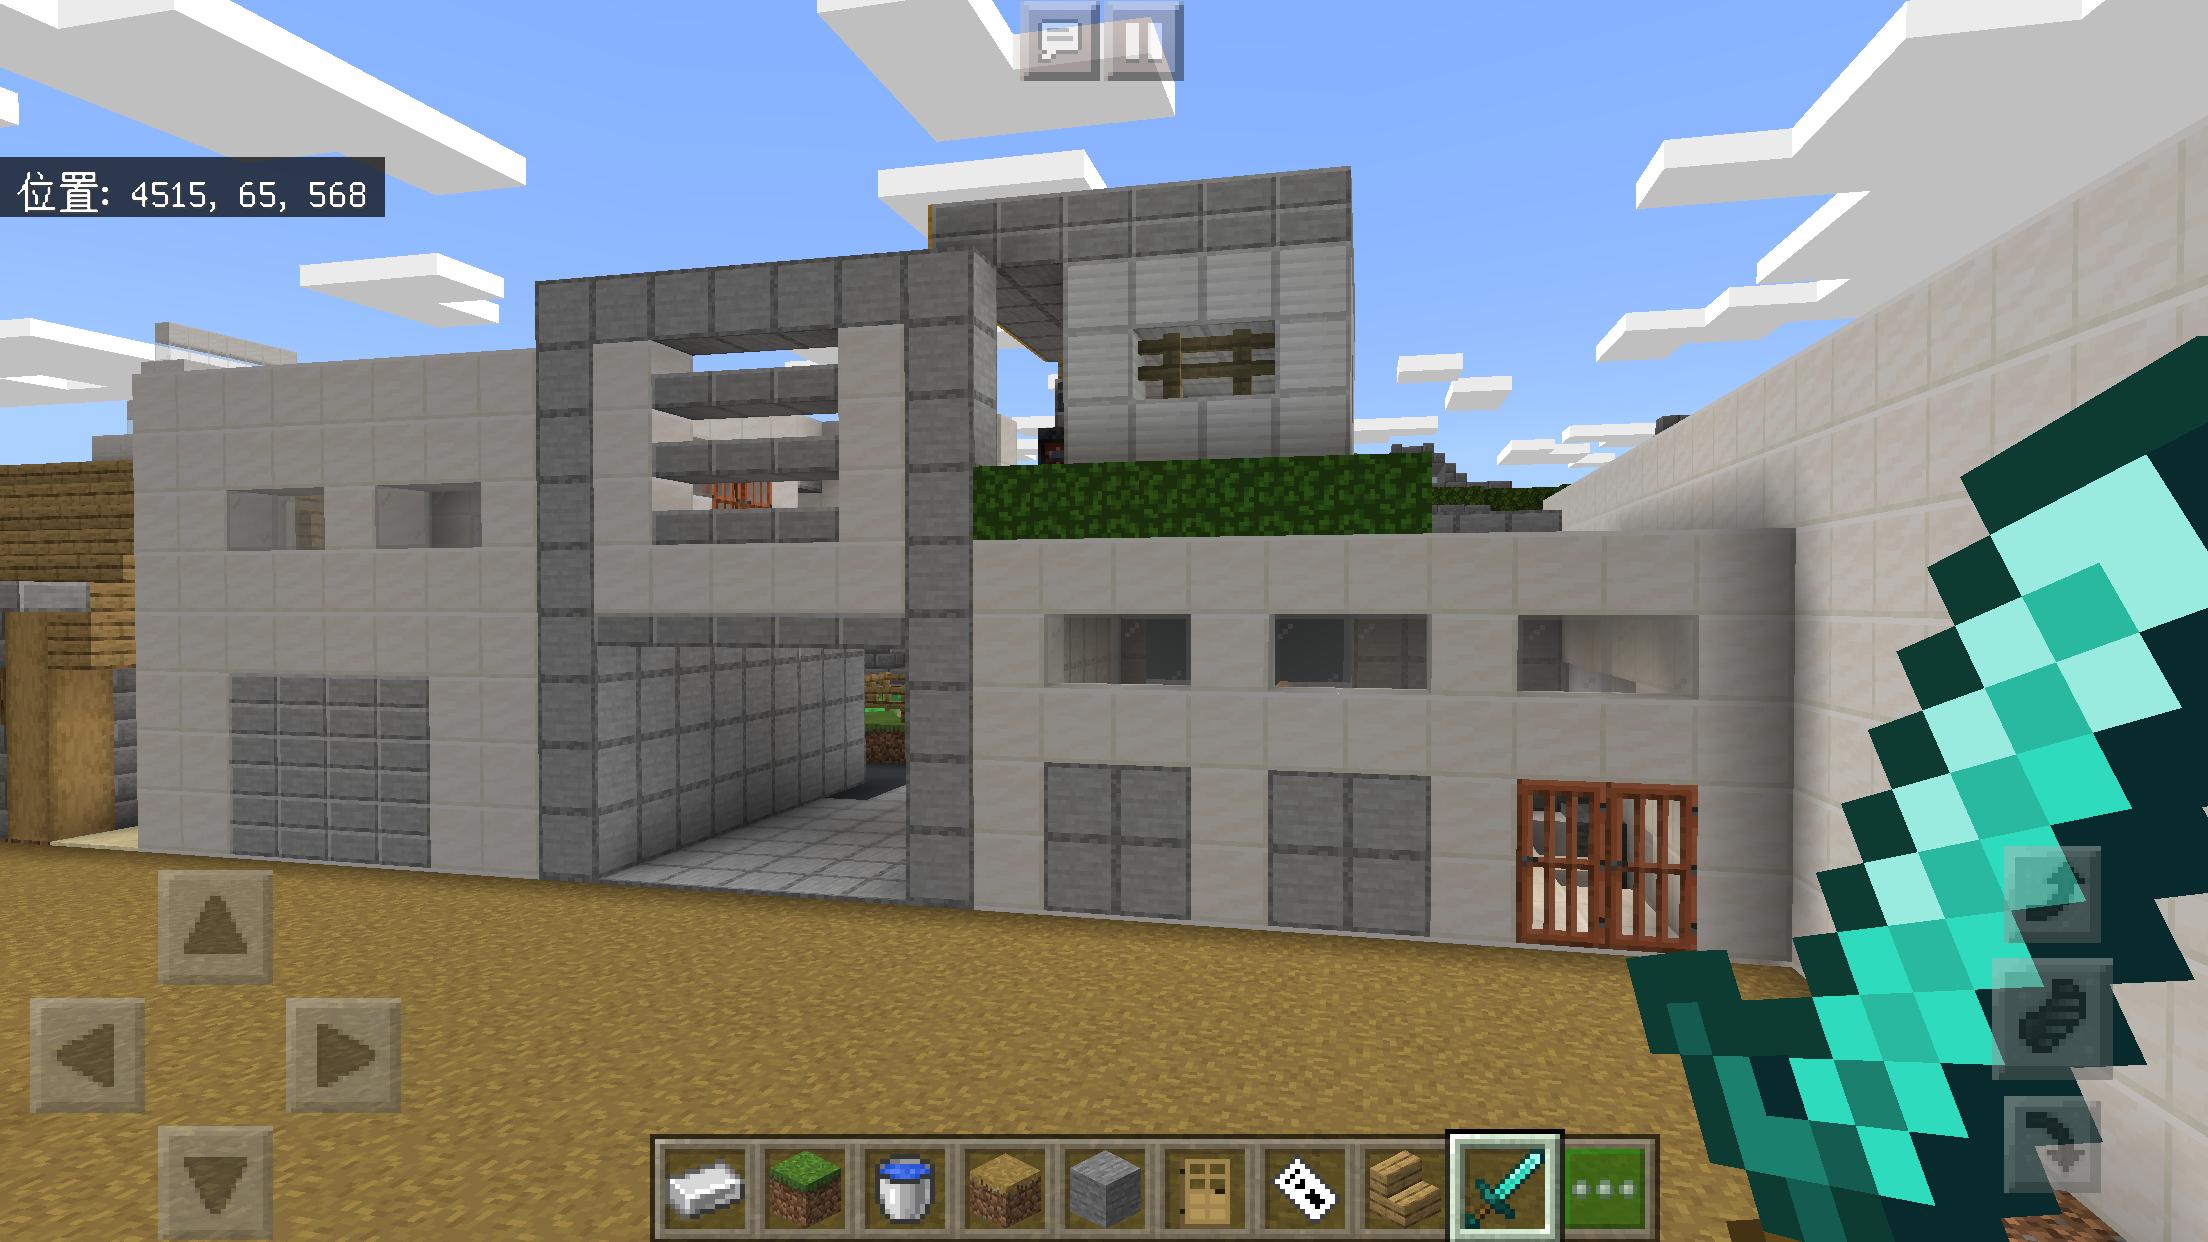 f:id:Minecraftkun:20200223180655p:image